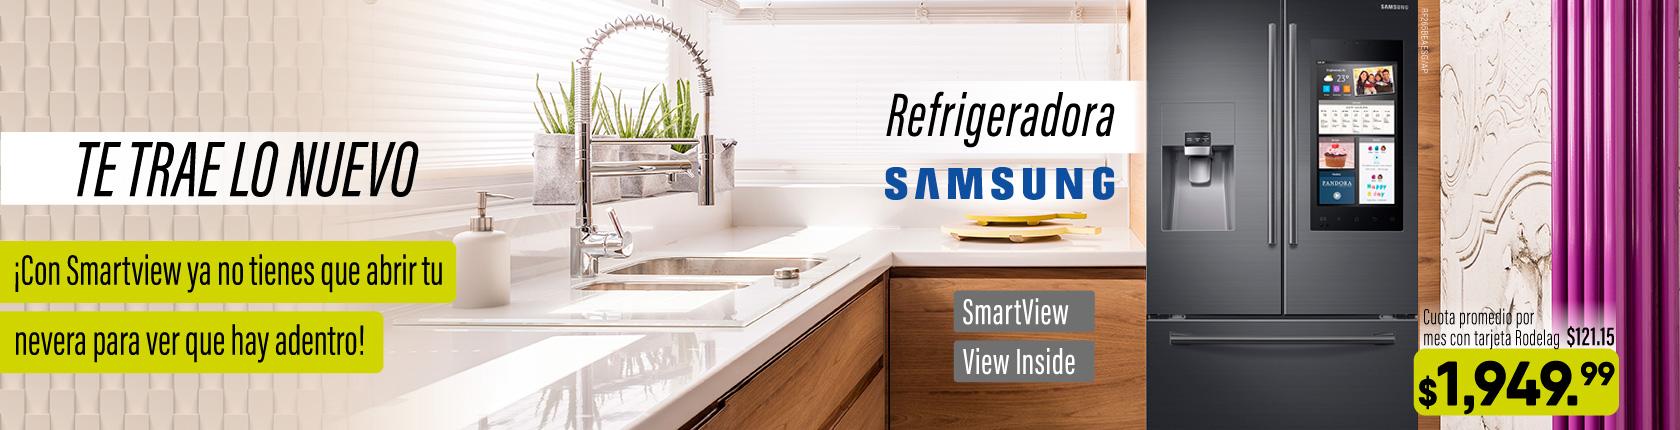 Lo nuevo - refrigeradora - samsung smartview